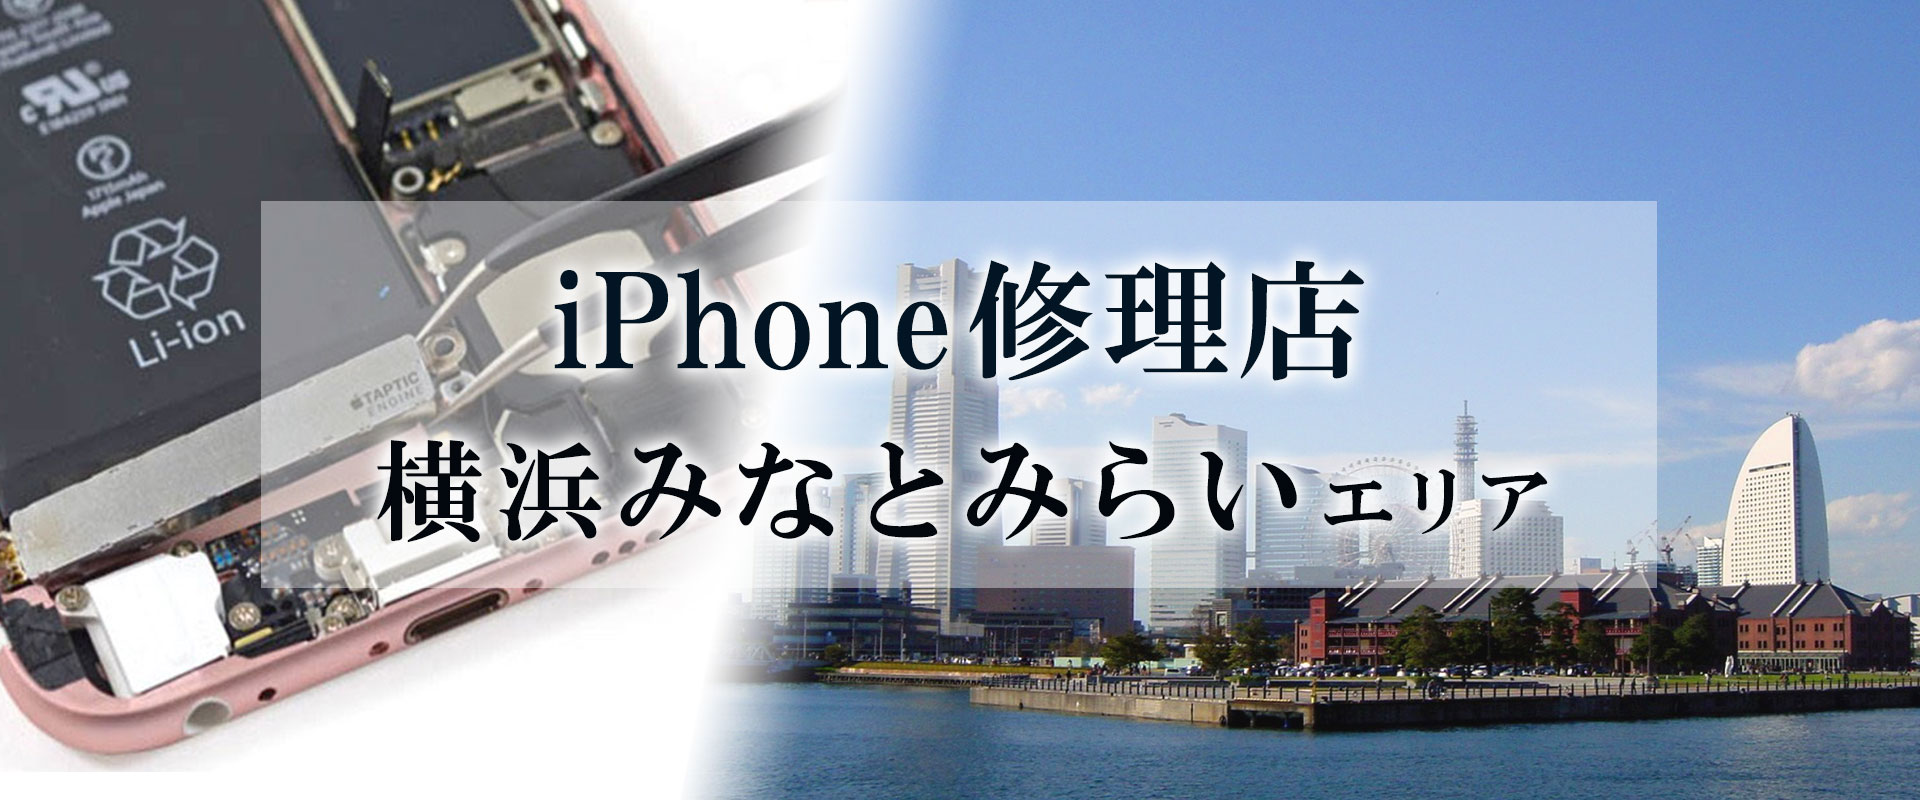 横浜みなとみらい周辺!駅から徒歩圏で信頼できるiPhone修理店13選